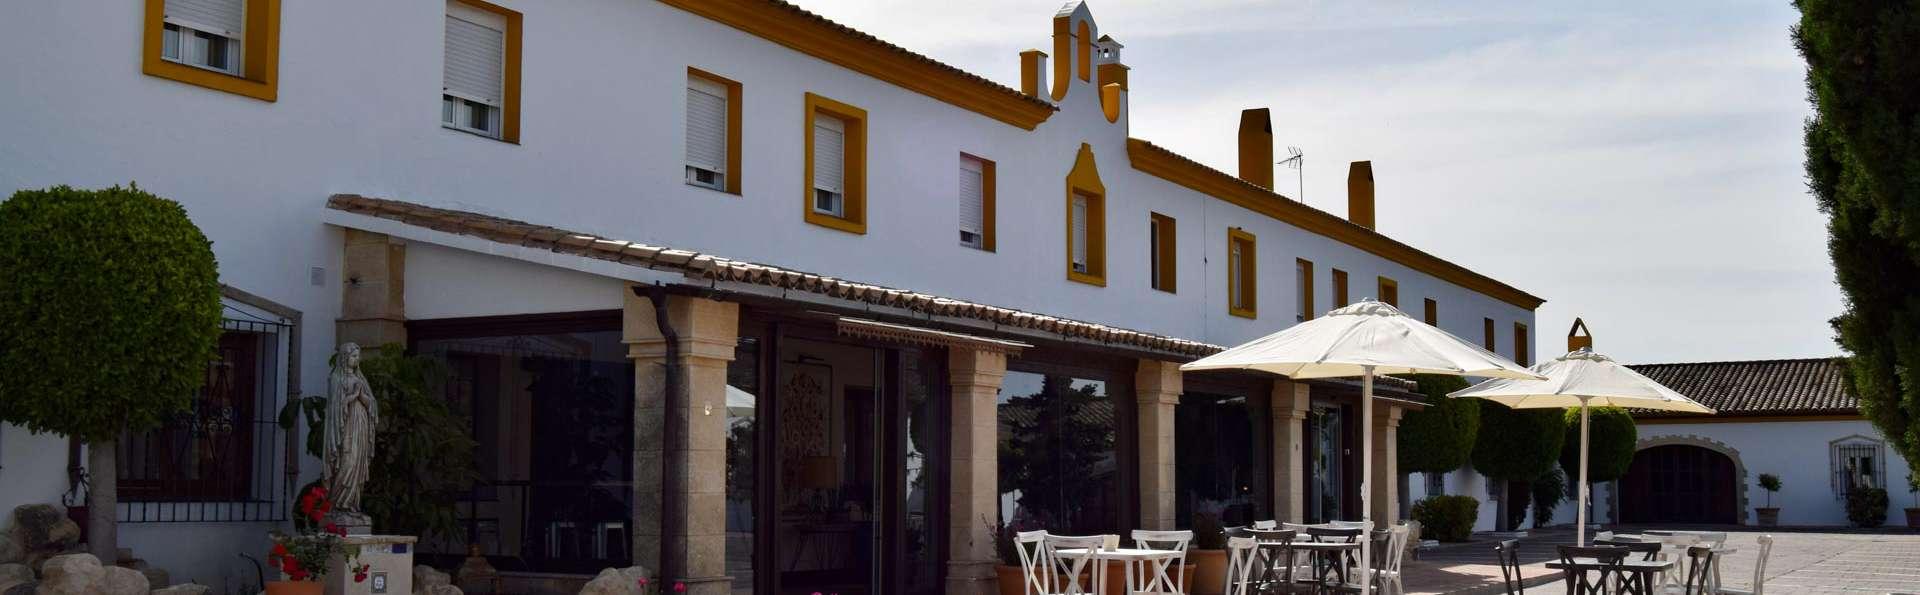 Hotel Puerta de Algadir - EDIT_FRONT_02.jpg